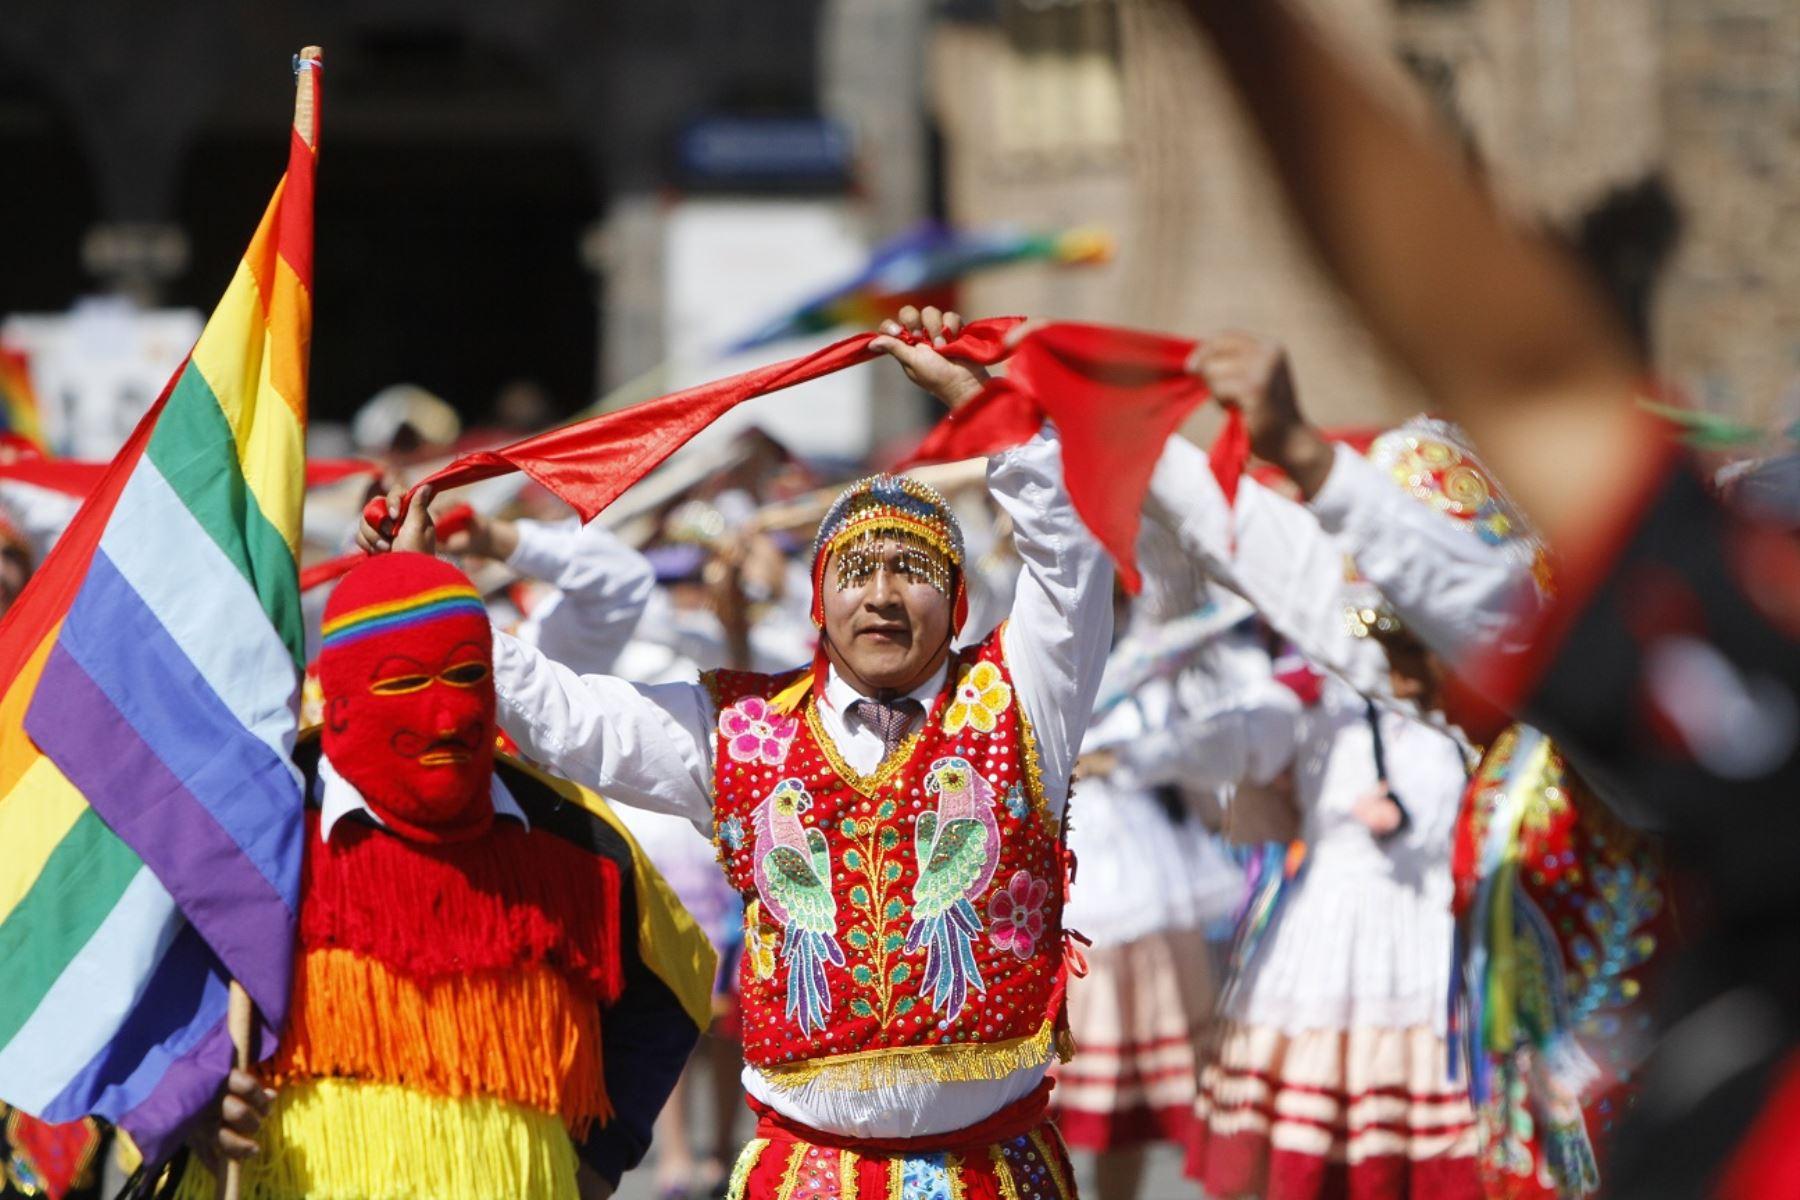 Con colorido y algarabía se desarrolla el desfile cívico en honor a Cusco. ANDINA/Percy Hurtado Santillán